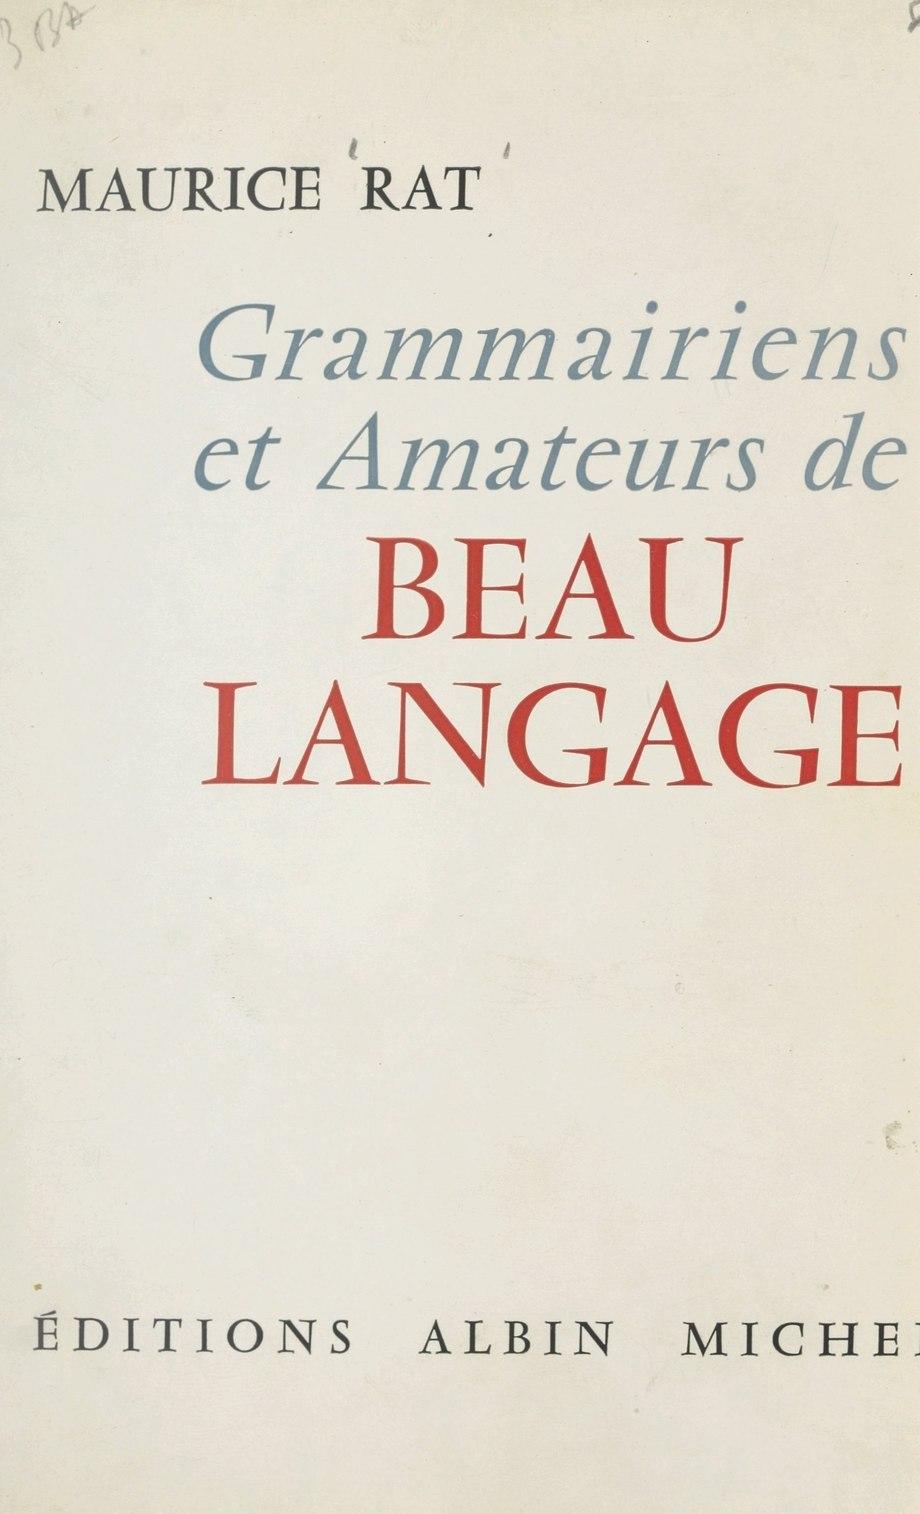 Grammairiens et amateurs de beau langage - Maurice Rat